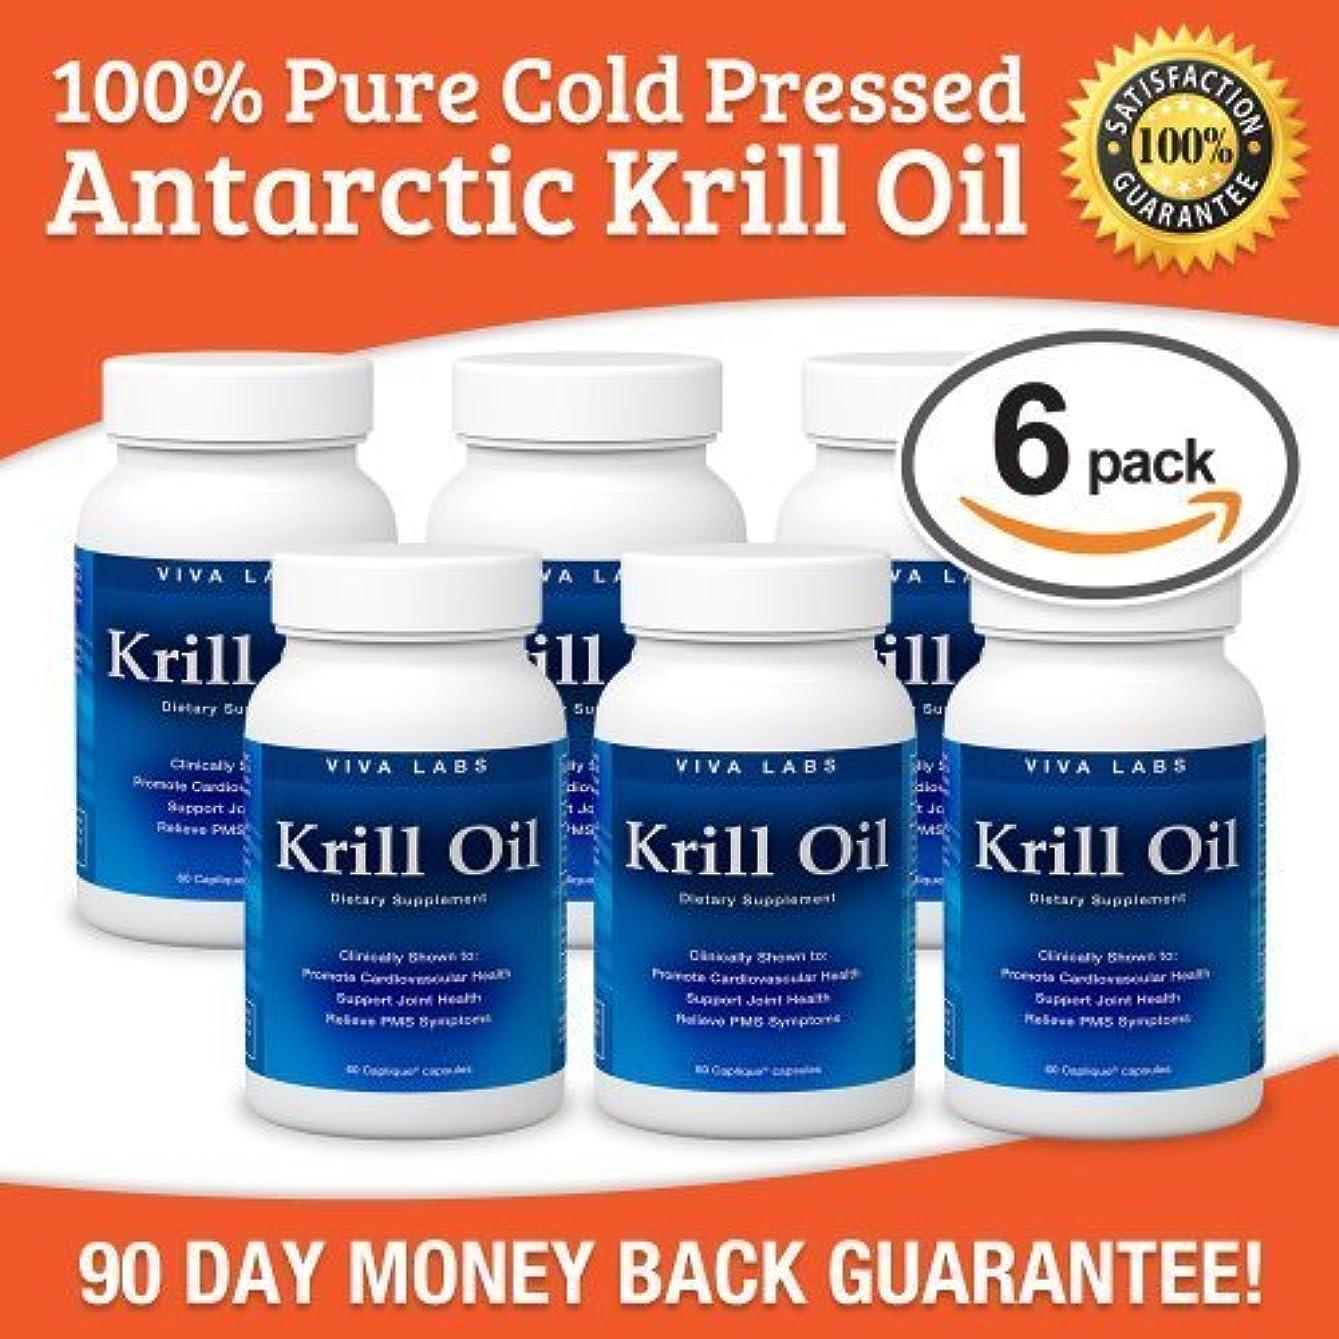 風刺通り受け入れたEverest Nutrition Krill Oil - 100% Pure Cold Pressed Antarctic Krill Oil - More Omega-3's: Highest Levels of DHA, EPA and Astaxanthin in the Industry - 1250 Mg/per serving,6 pack by Viva Labs [並行輸入品]